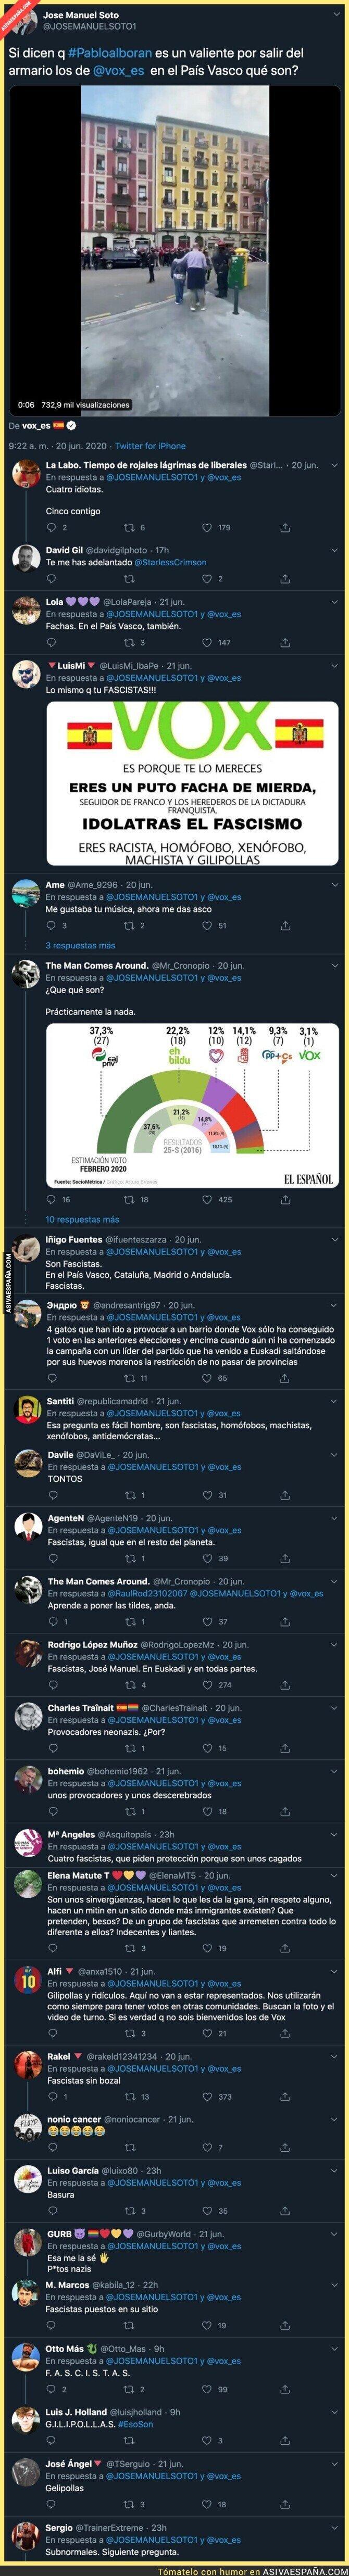 236492 - José Manuel Soto compara a Pablo Alborán con VOX en su visita al País Vasco y la gente le deja bien caliente en las respuestas